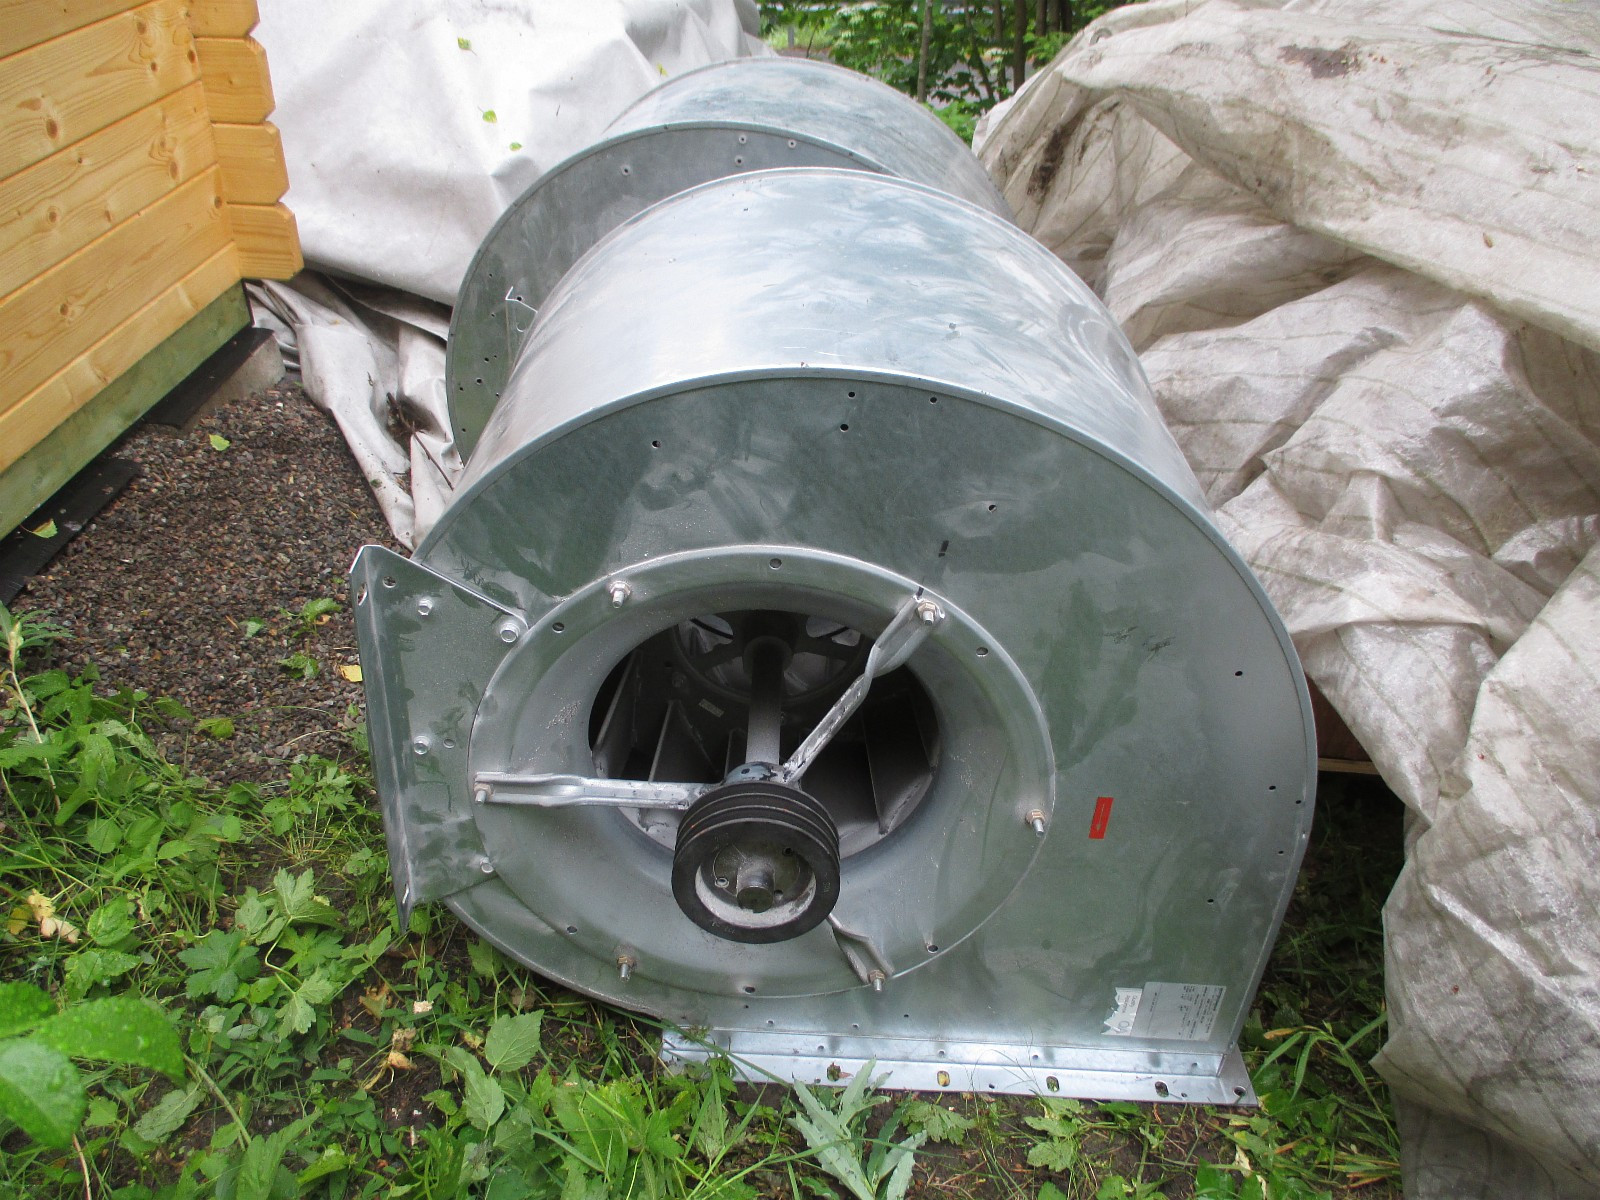 Vifte Ventilasjons-vifte Ventilasjons-vifter - Oslo  - Selger 2 stk ventilasjonsvifter enkeltvis eller samlet. Kan leveres sammen med pent brukte ASEA Industrimotorer. Anbefalt effekt : 1 eller 2 hastighetsmotorer. Fra 4KW til 15 KW (6P, 4P eller 2P). Elektronisk hastighetsregulator kan leveres med mo - Oslo